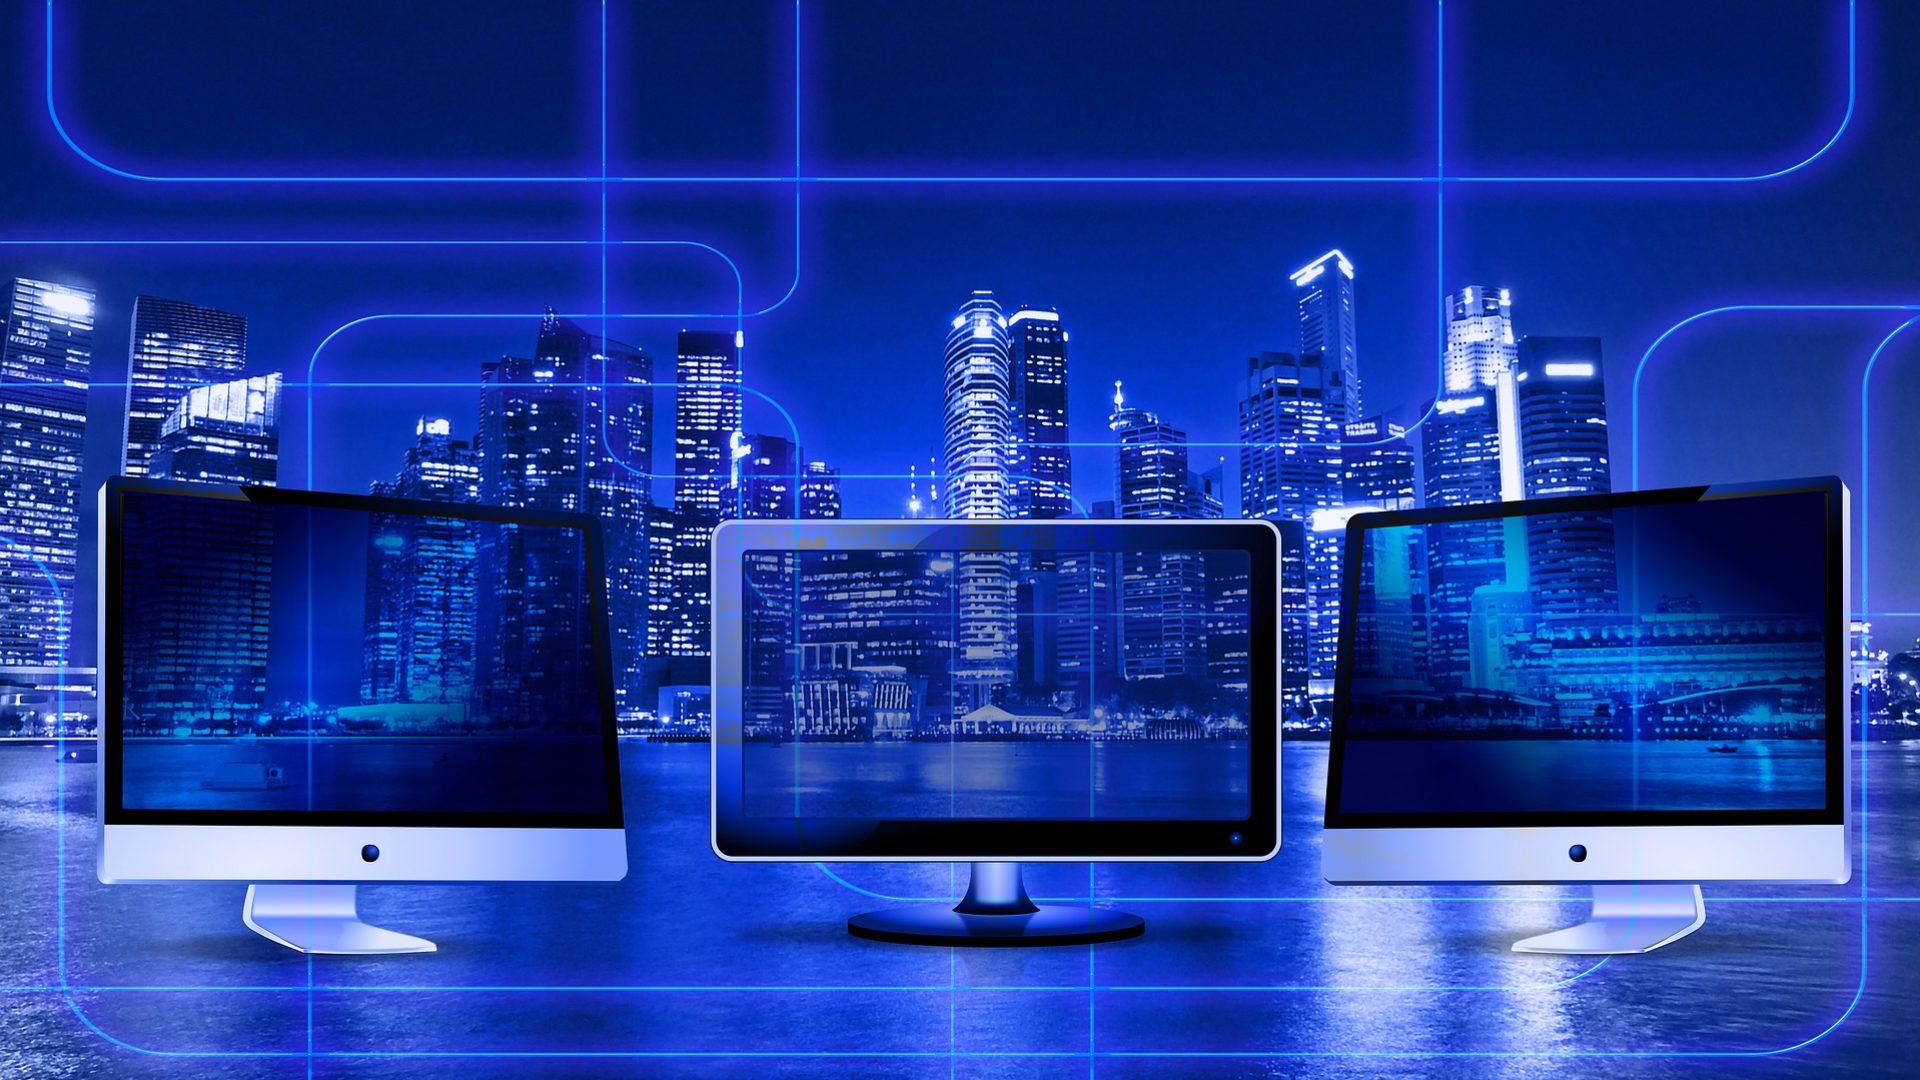 ASComm Consulting – usługi reklamowe, usługi dronem, grafika i druk, usługi video, usługi IT